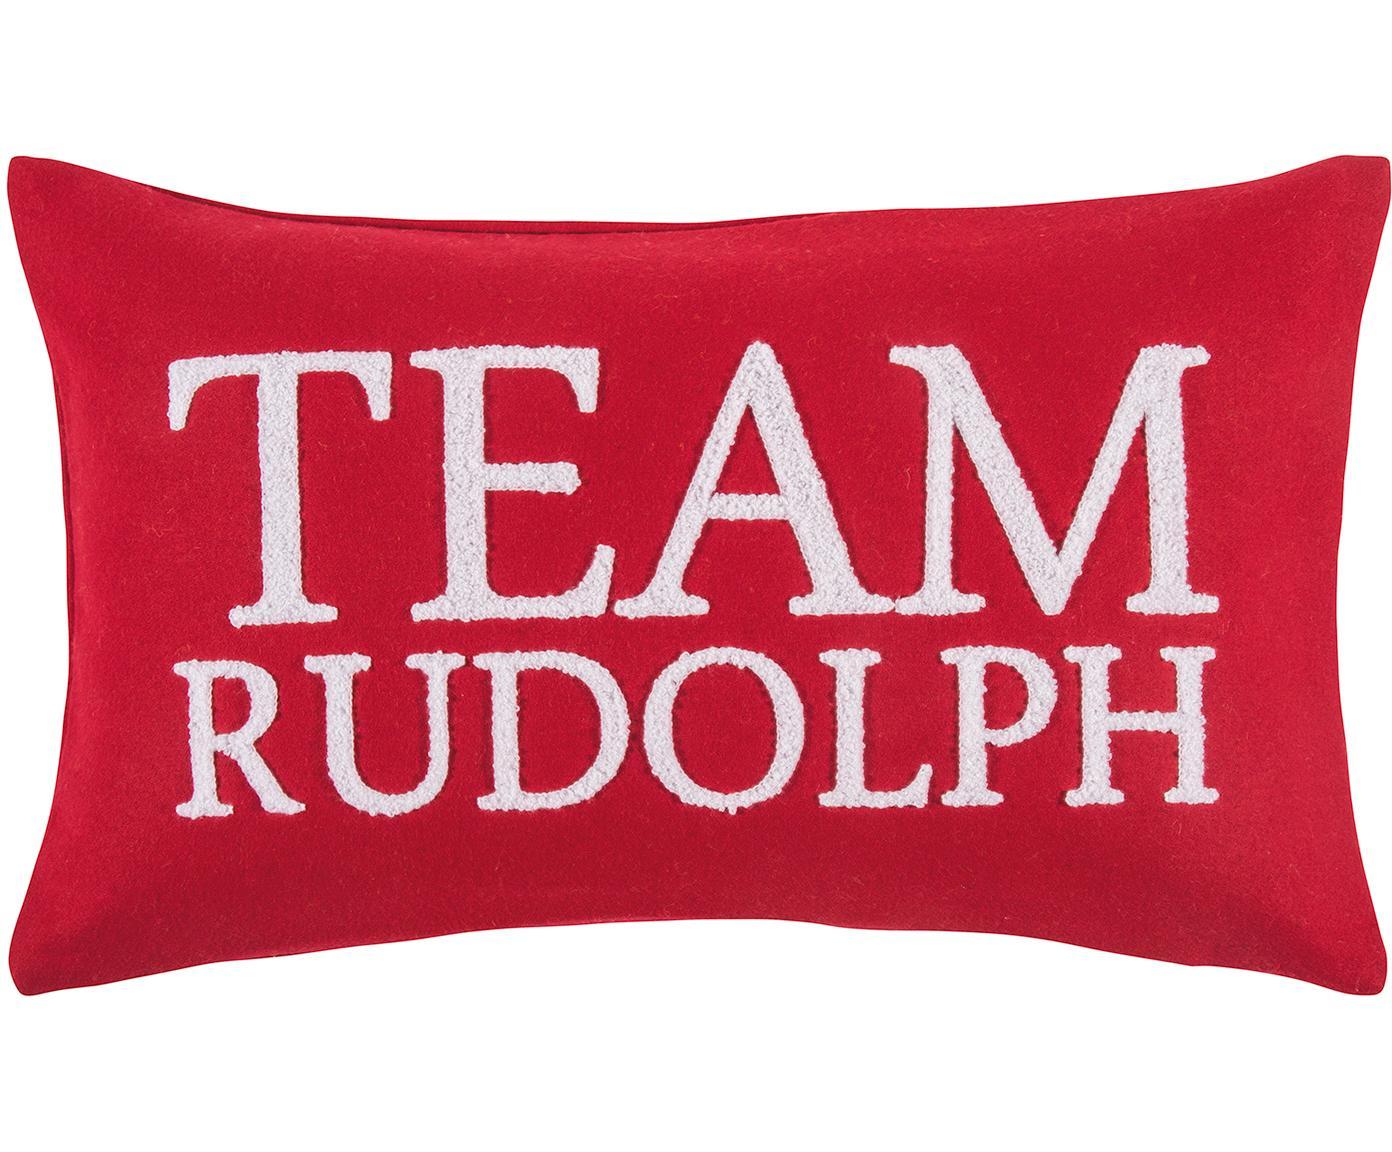 Poszewka na poduszkę Rudolph, 60% wełna, 40% poliester, Czerwony, biały, S 30 x D 50 cm